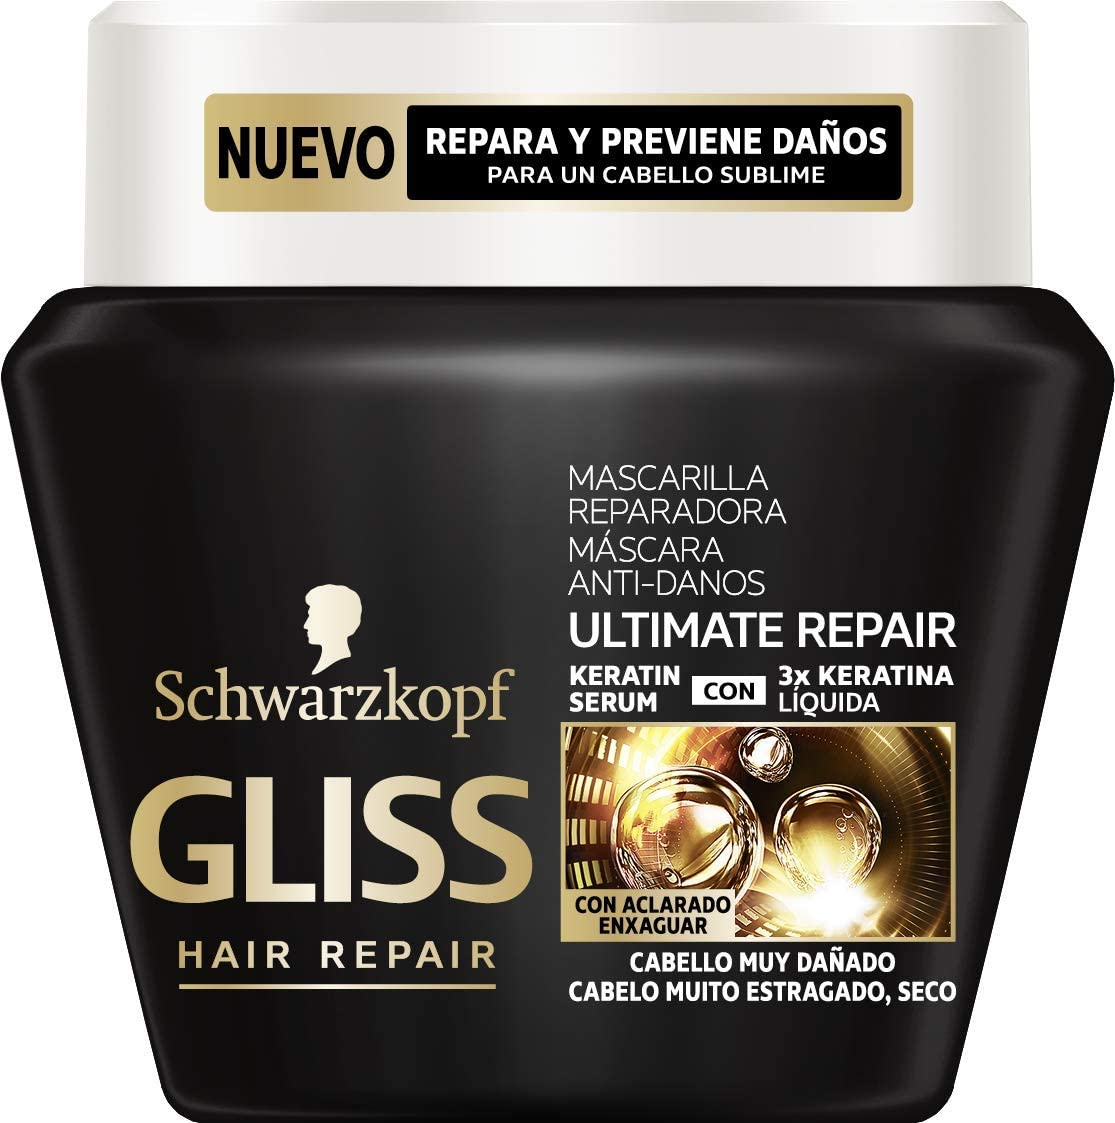 Productos profesionales para el cabello